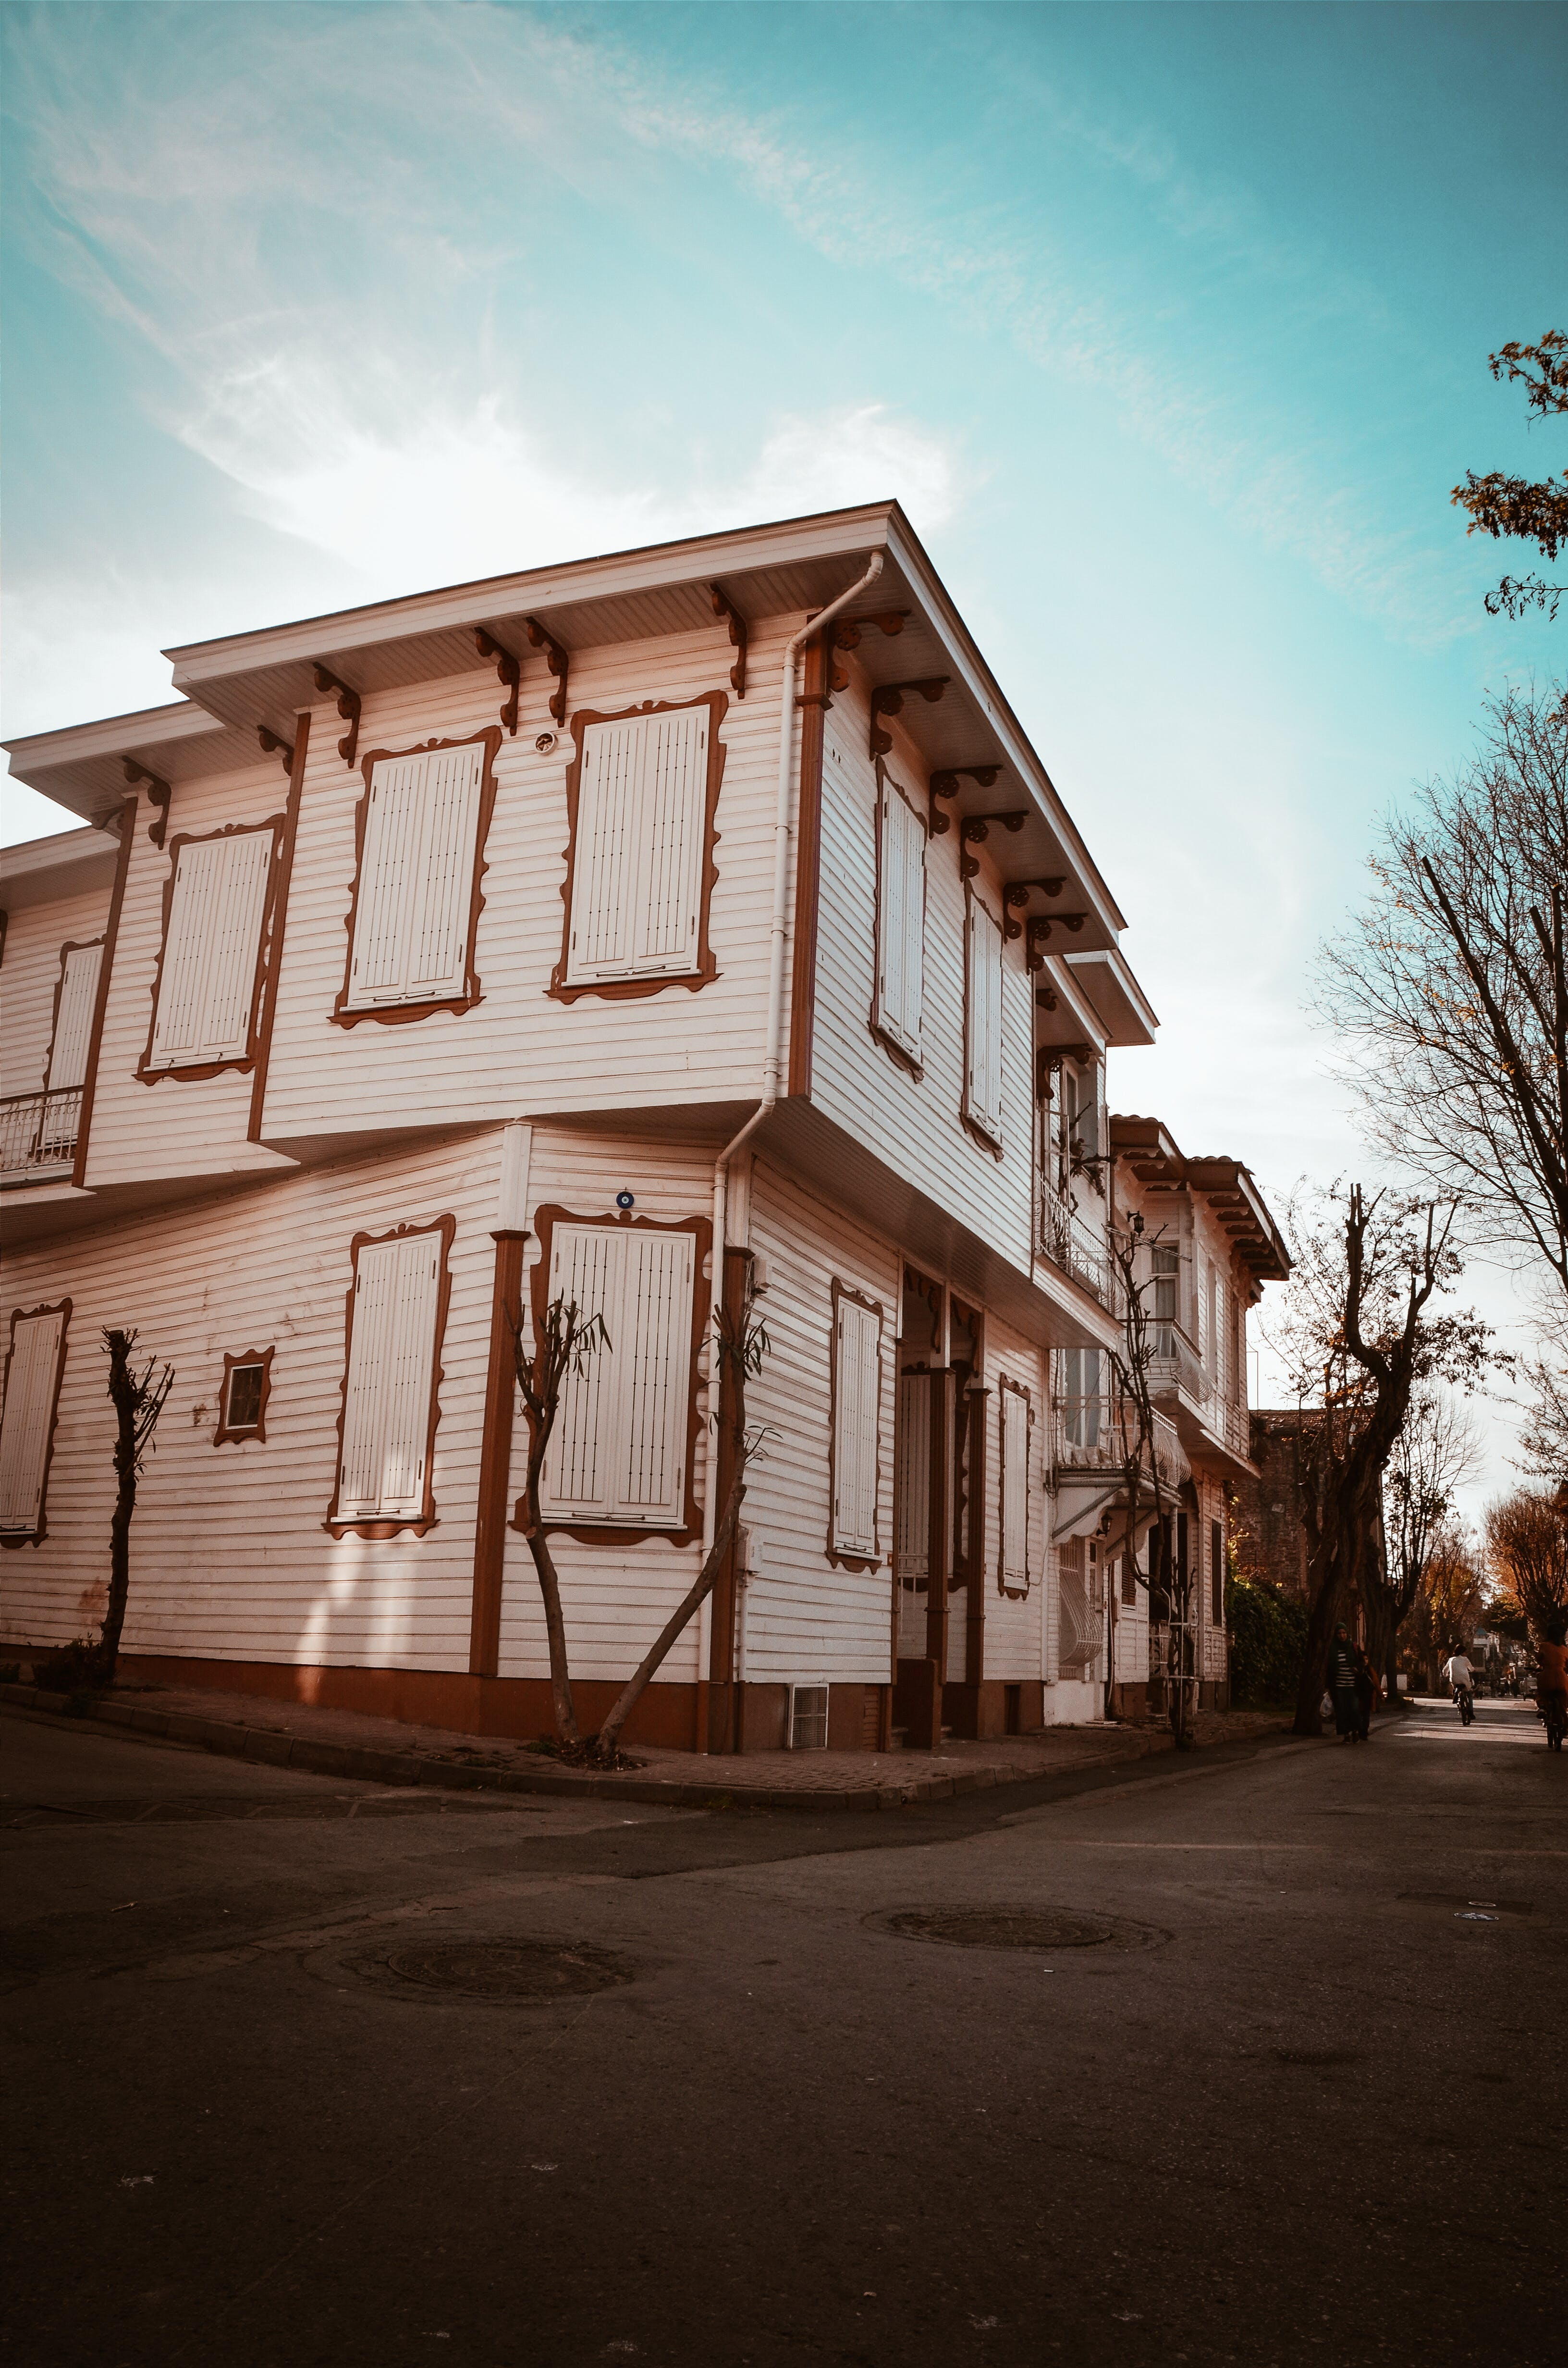 Ingyenes stockfotó ablakok, alacsony szögű felvétel, csupasz fa, építészet témában